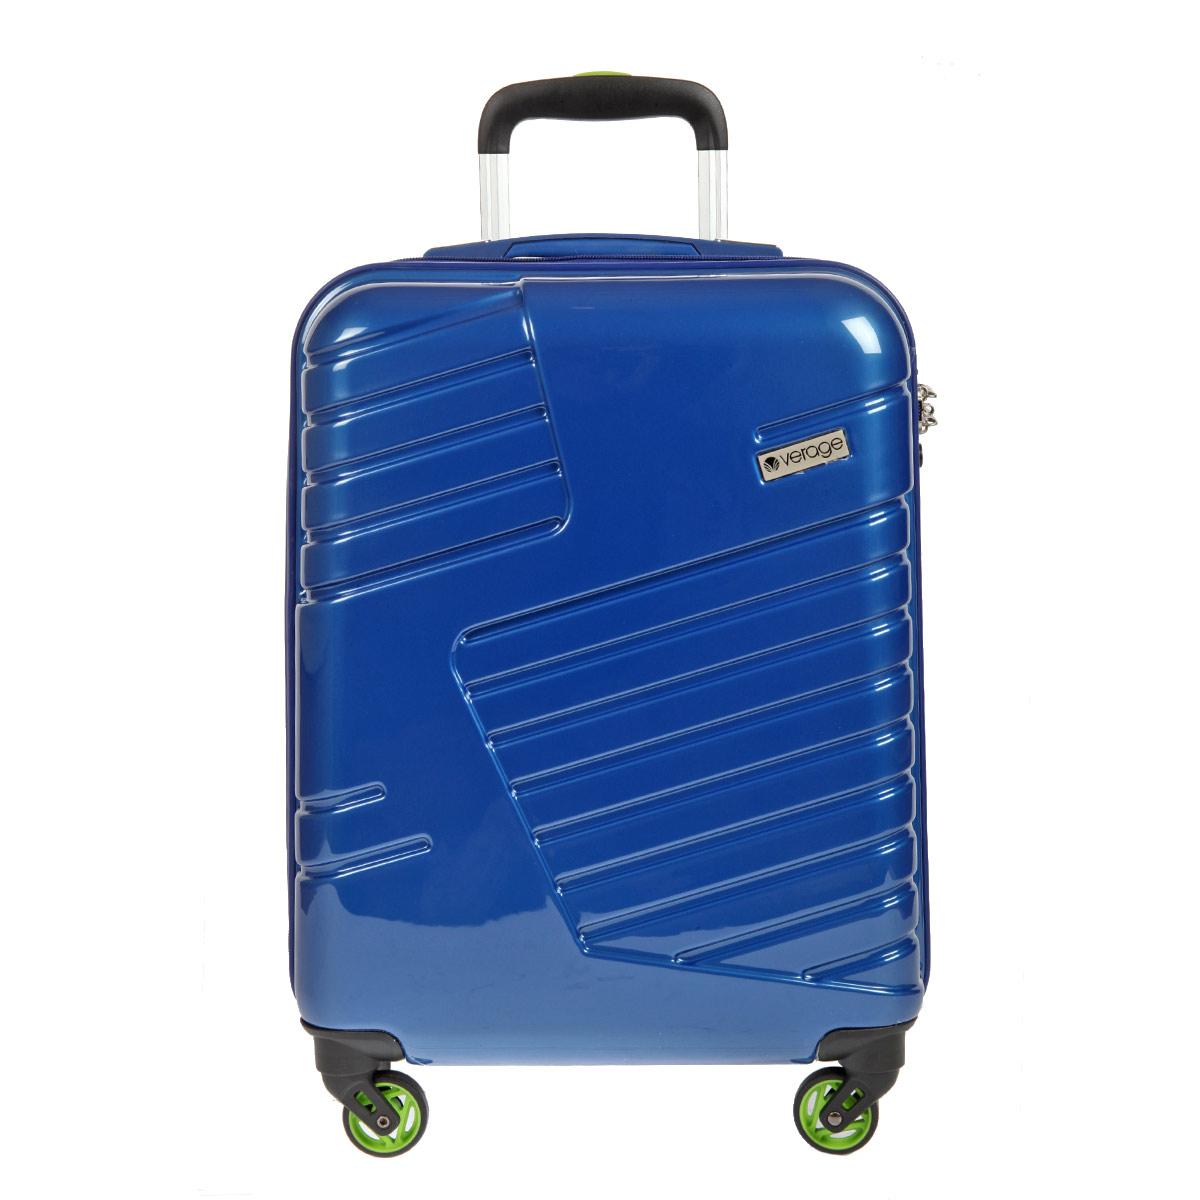 Чемодан-тележка Verage, цвет: синий, 31 л. GM14042w 20GM14042w 20 blueЧемодан-тележка Verage оснащен четырьмя колесиками, вращающимися на 360°. Закрывается по периметру на двухстороннюю молнию. Верхняя и боковая ручки обеспечивают удобство транспортировки. Внутри два отдела для одежды, которая фиксируется эластичными резинками на застежках. Также внутри расположен один сетчатый карман на застежке-молнии. Встроенный кодовый замок с функцией TSA. Чемодан оснащен выдвижной ручкой, максимальная высота которой 57 см.